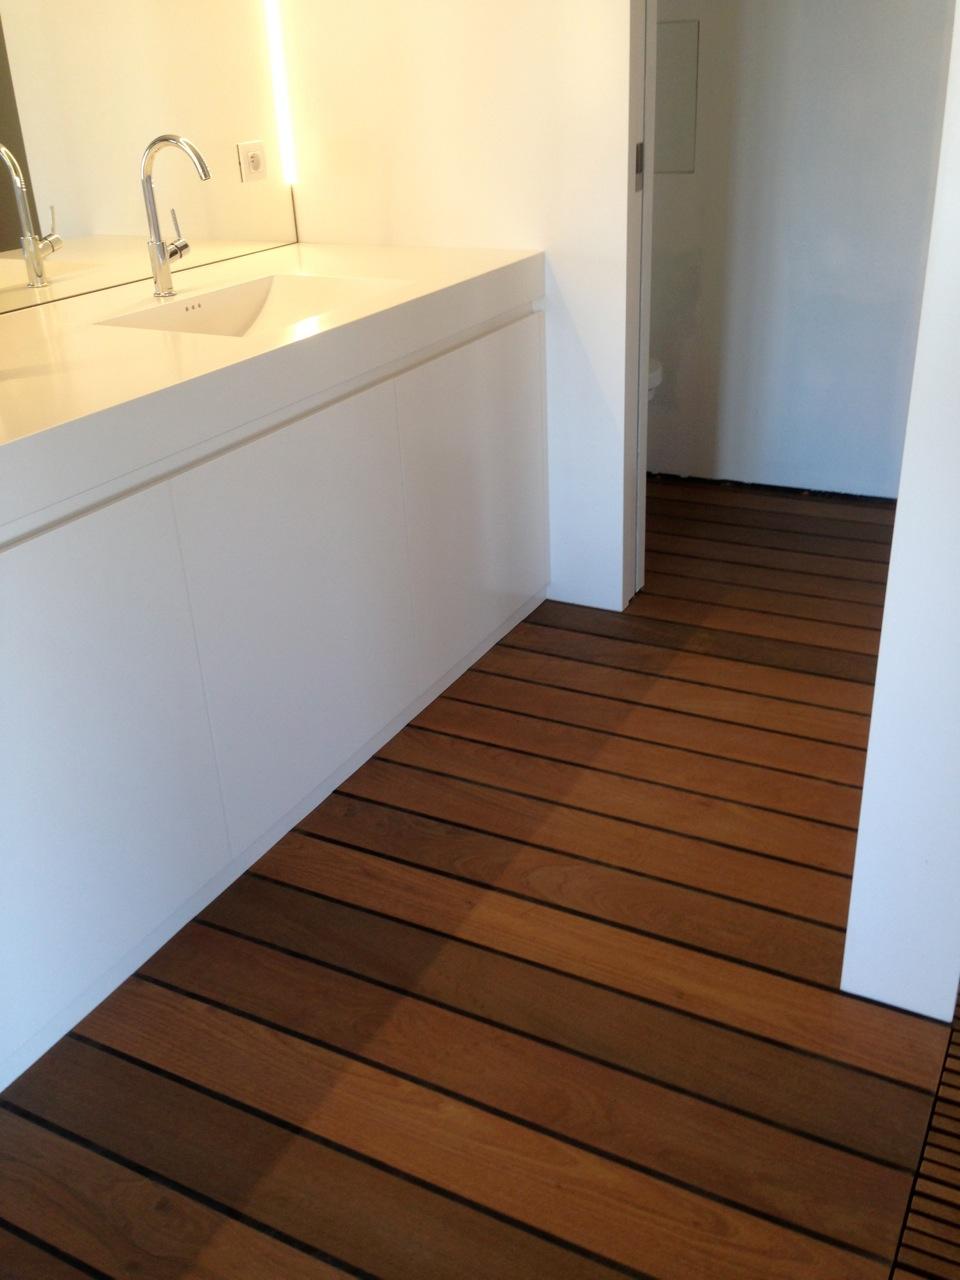 houten vloer ipe badkamer houten bijgebouw 01 houtskeletbouw ref 201 ...